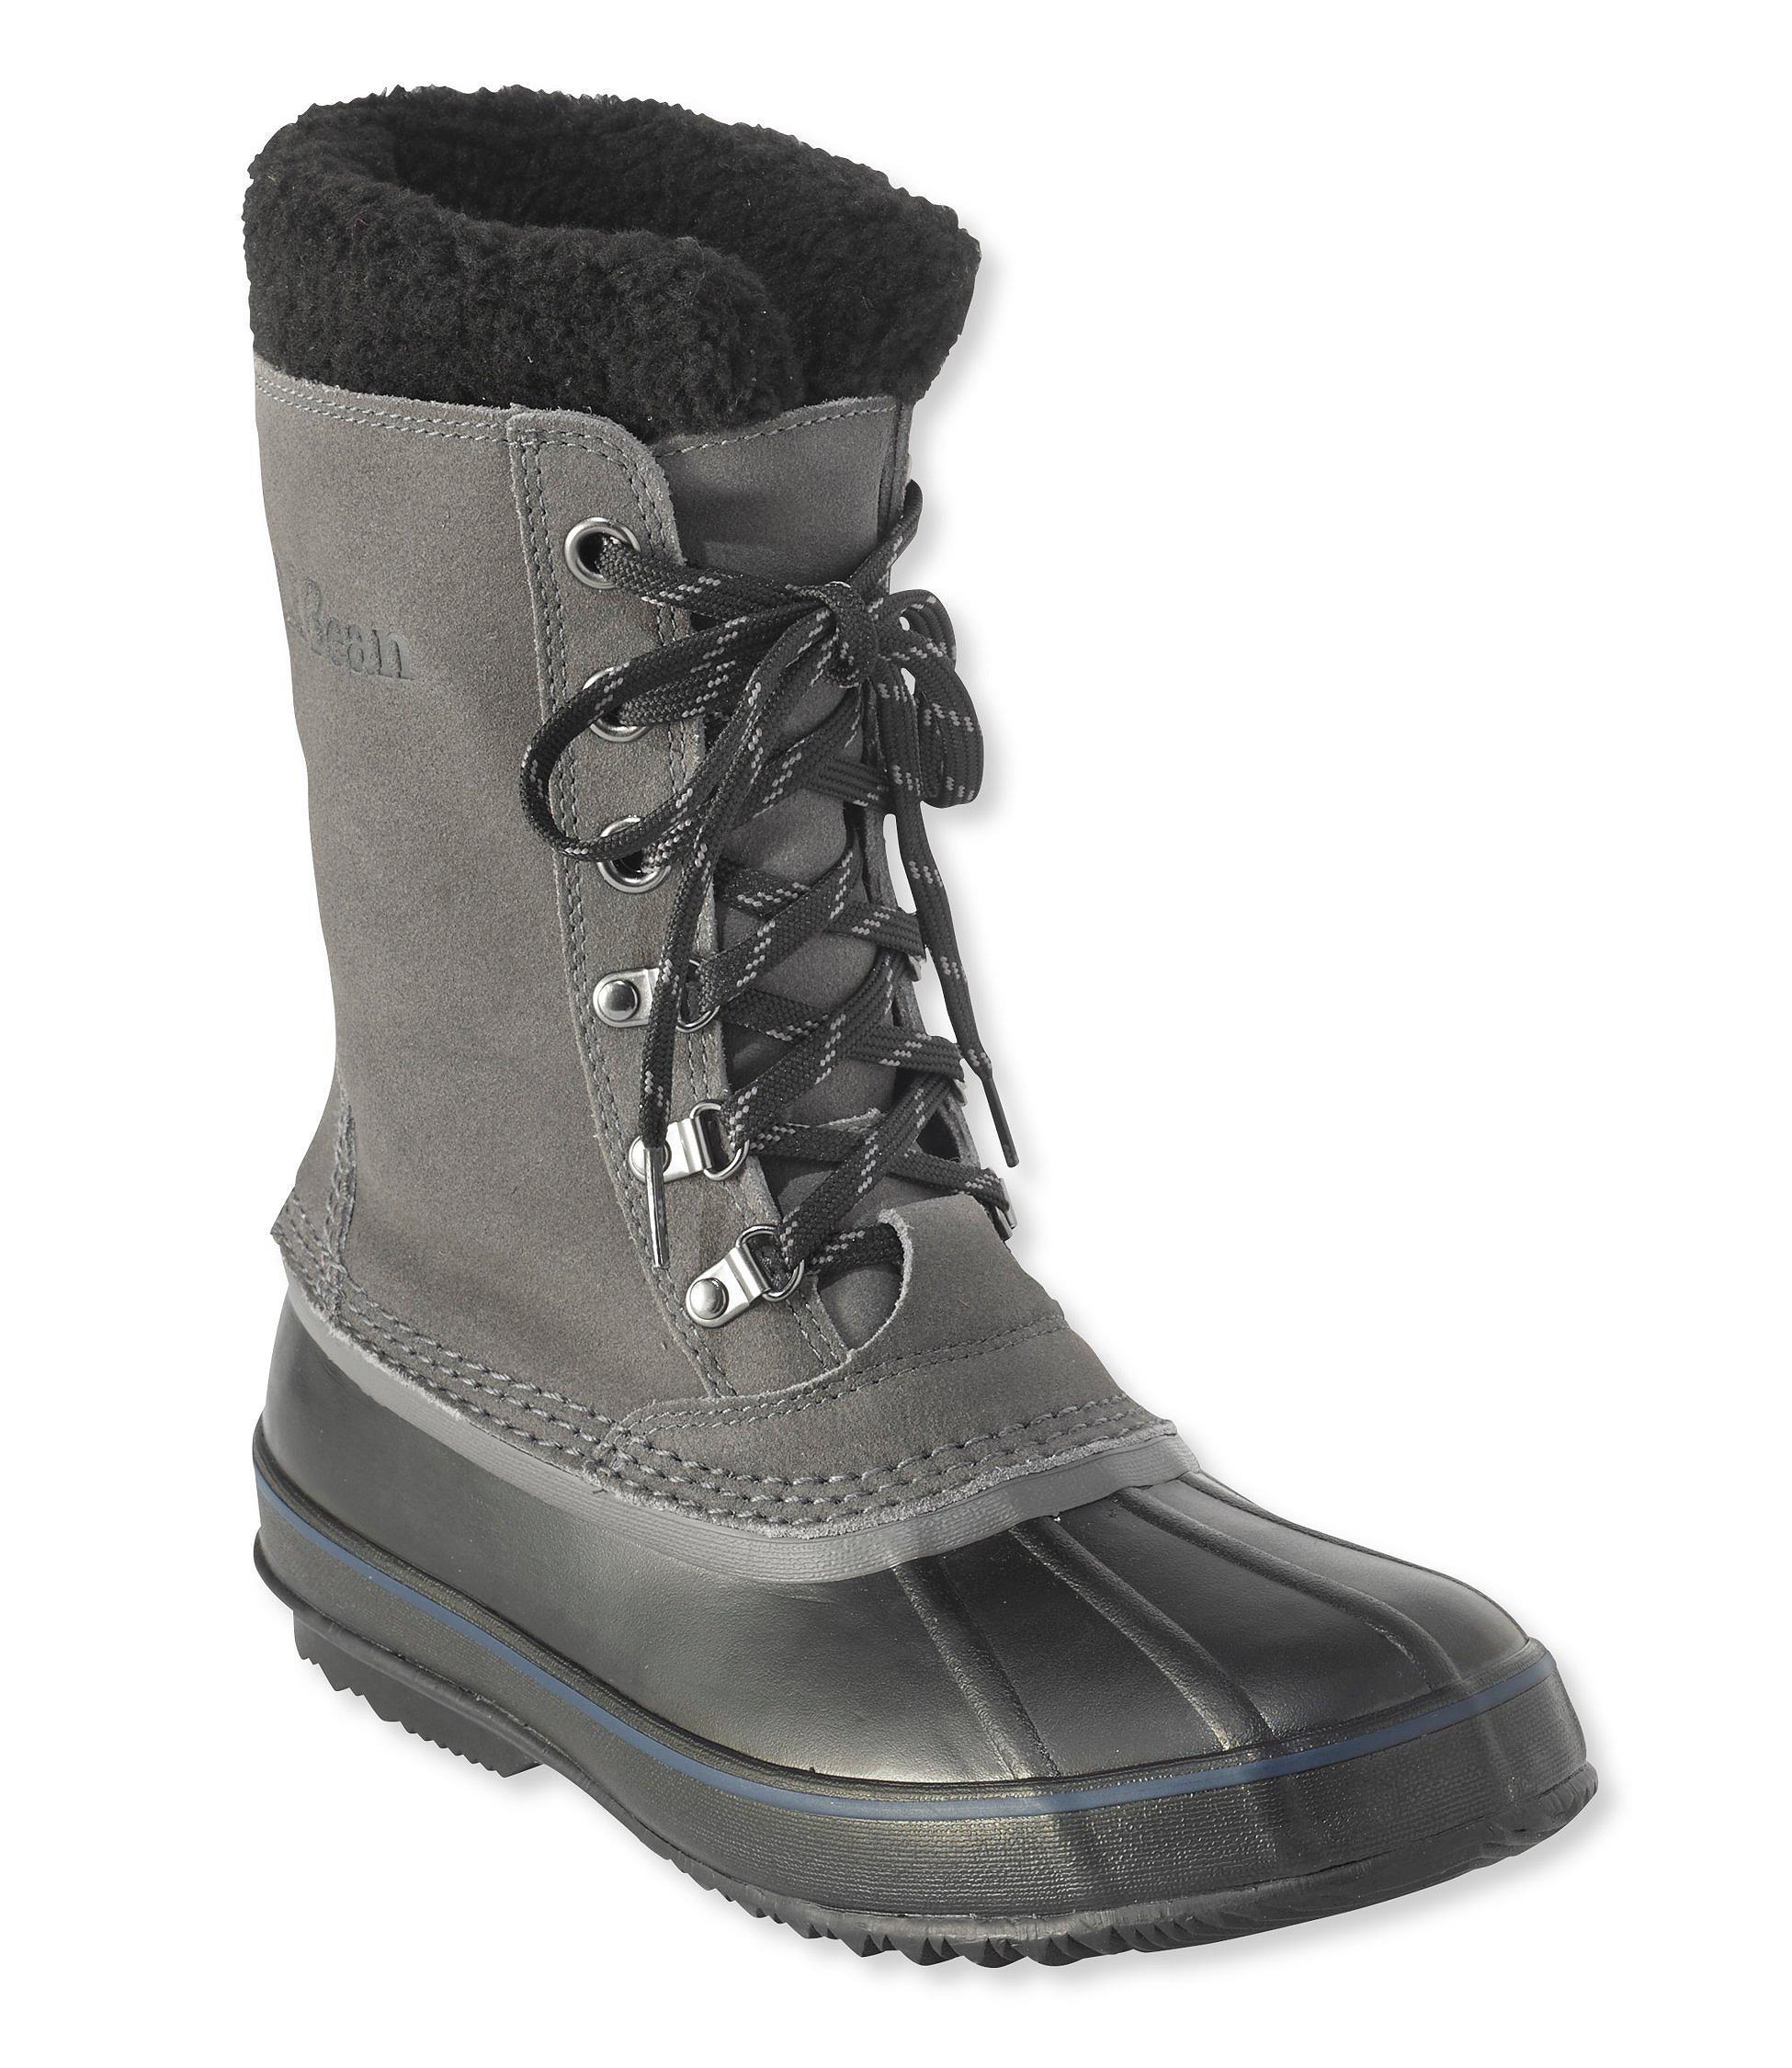 L.L.Bean Snow Boots | Free Shipping at L.L.Bean